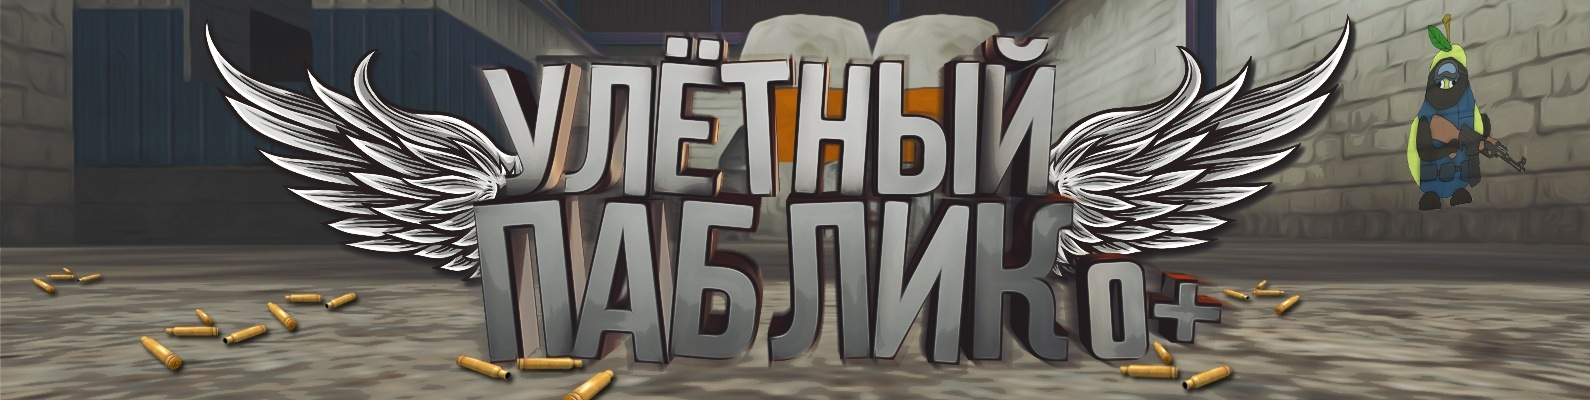 Улётный Паблик 0+ [CS 1.6] | ВКонтакте